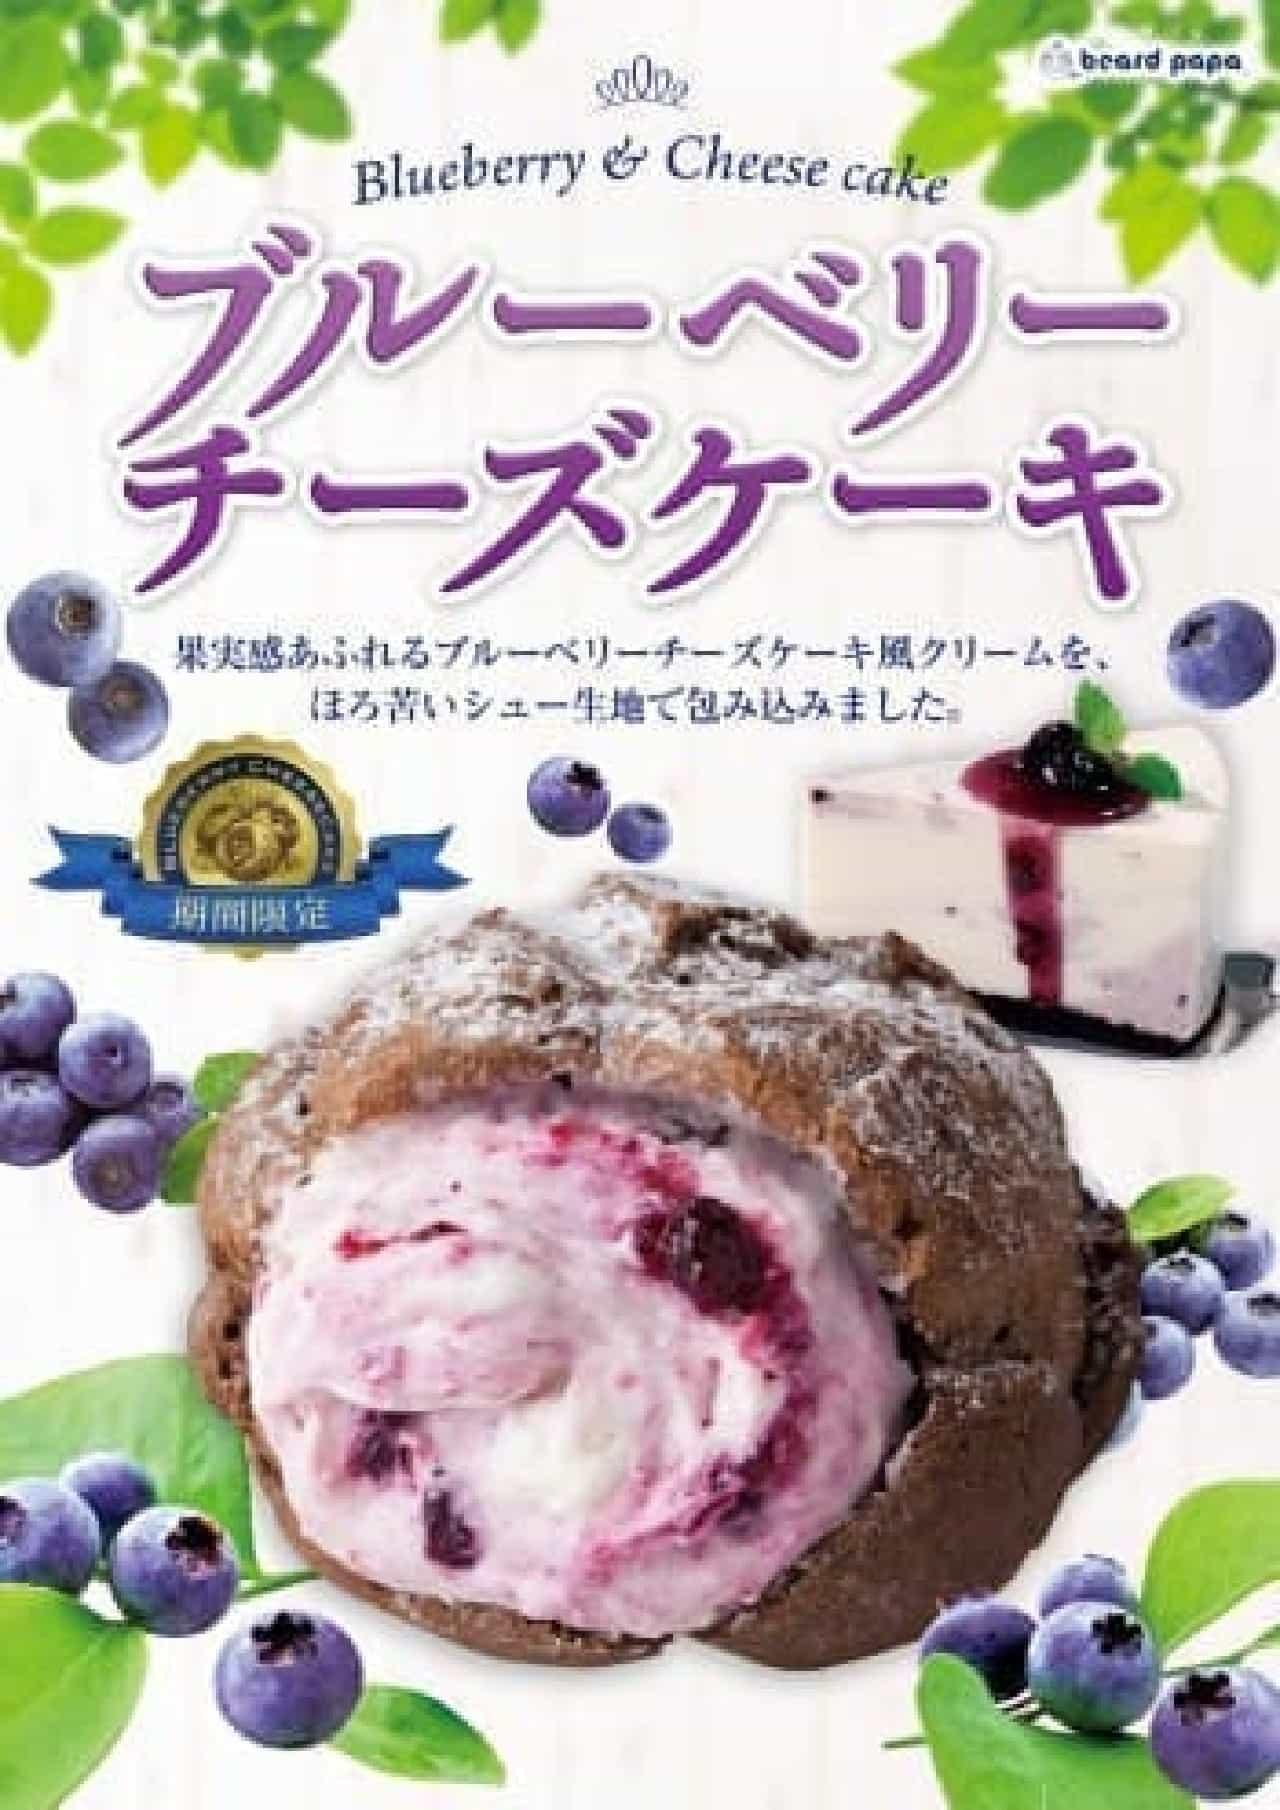 ビアードパパ「ブルーベリーチーズケーキ」